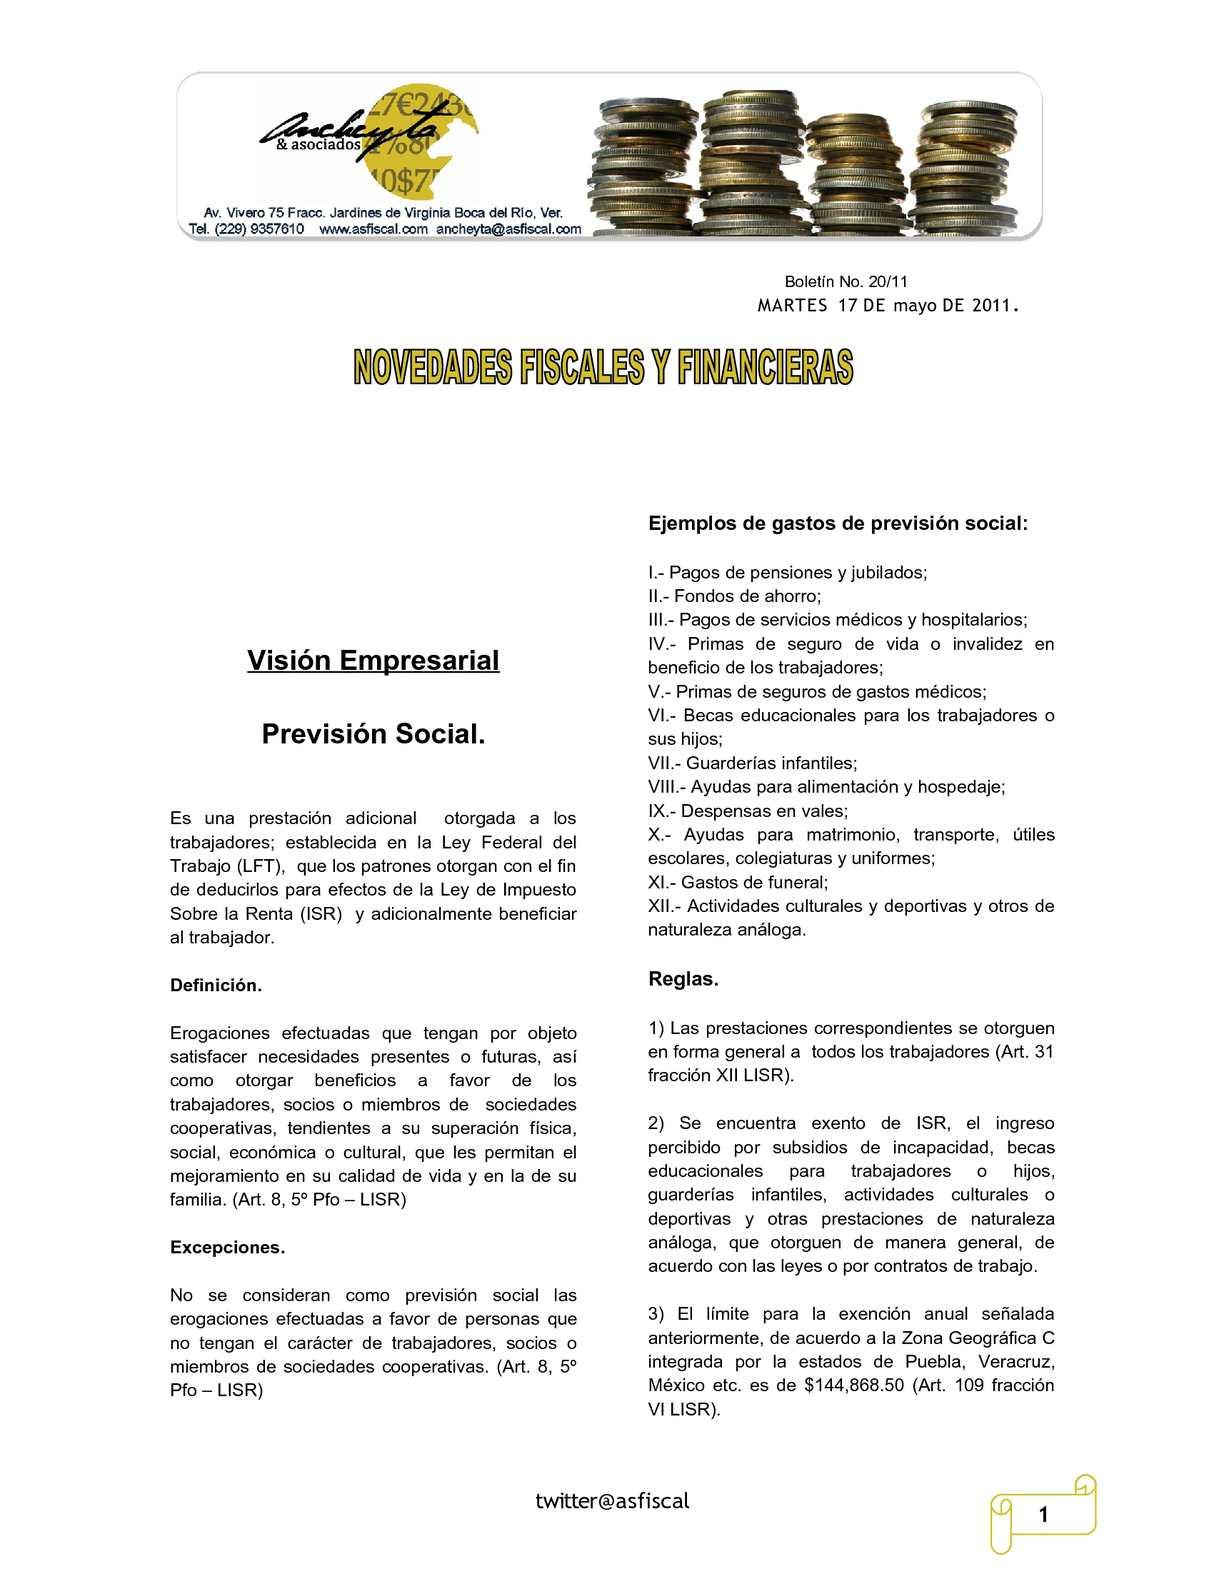 Calaméo - Boletín 20/11 Novedades Fiscales y Financieras